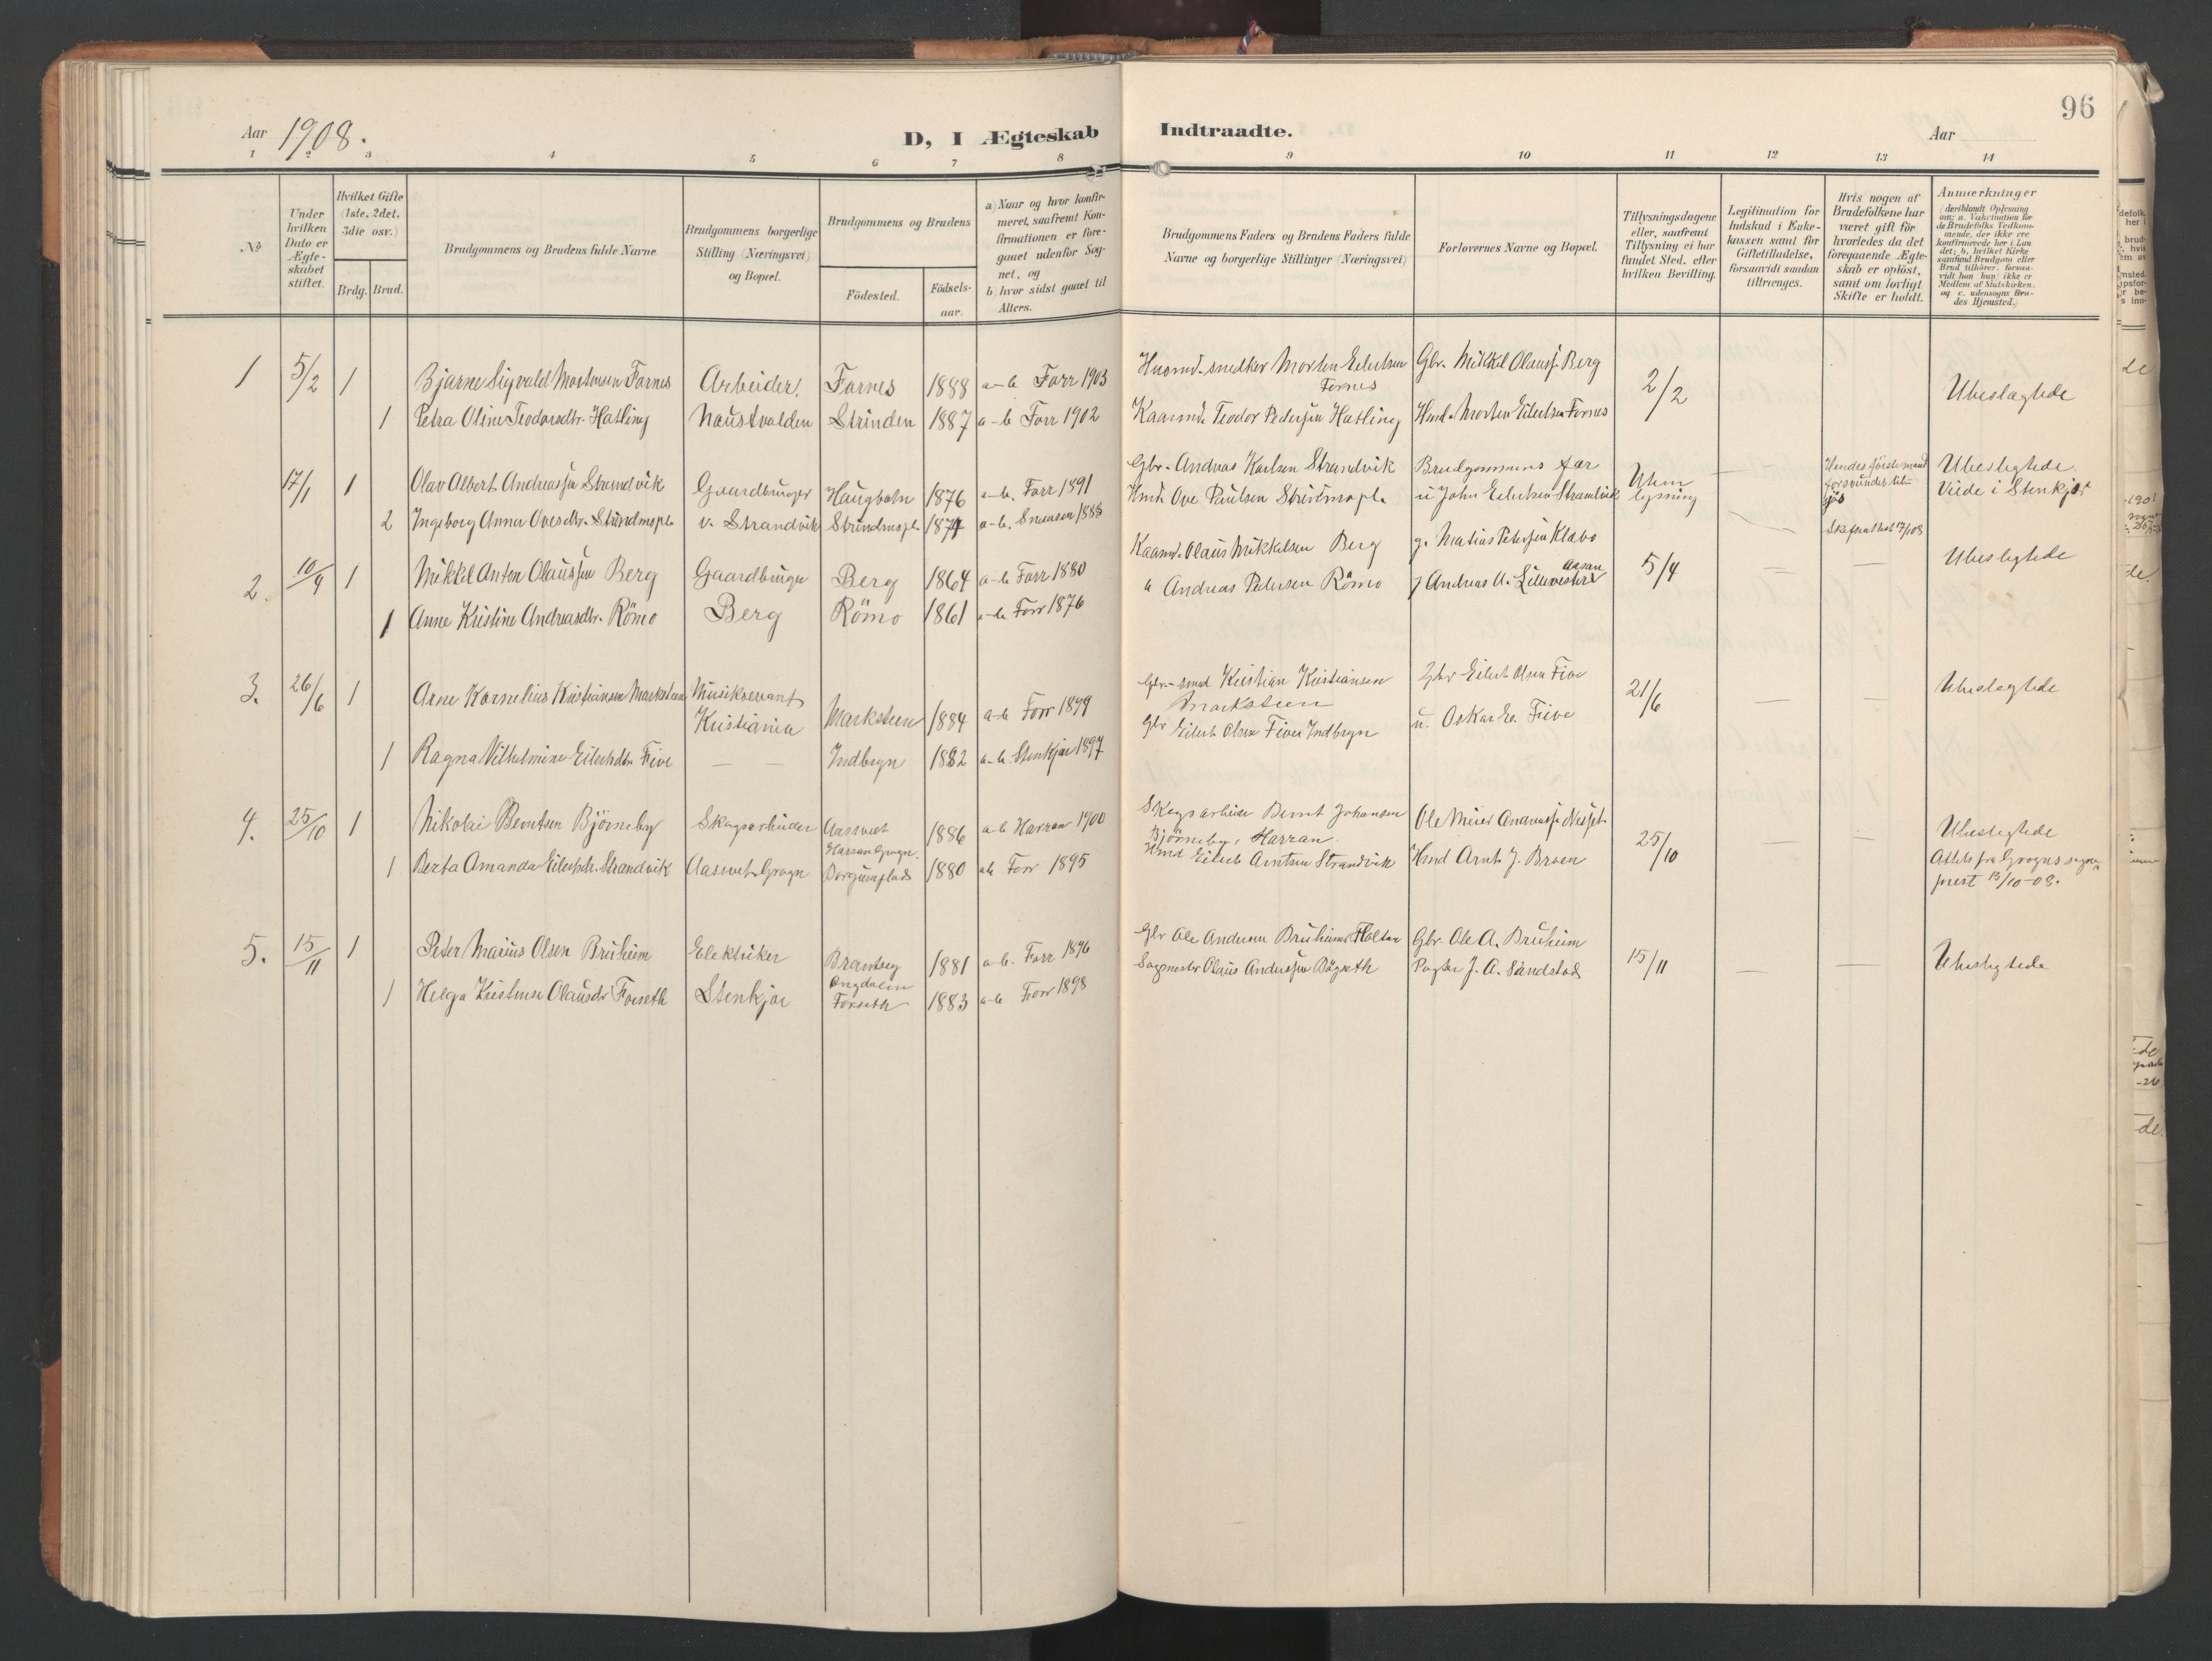 SAT, Ministerialprotokoller, klokkerbøker og fødselsregistre - Nord-Trøndelag, 746/L0455: Klokkerbok nr. 746C01, 1908-1933, s. 96